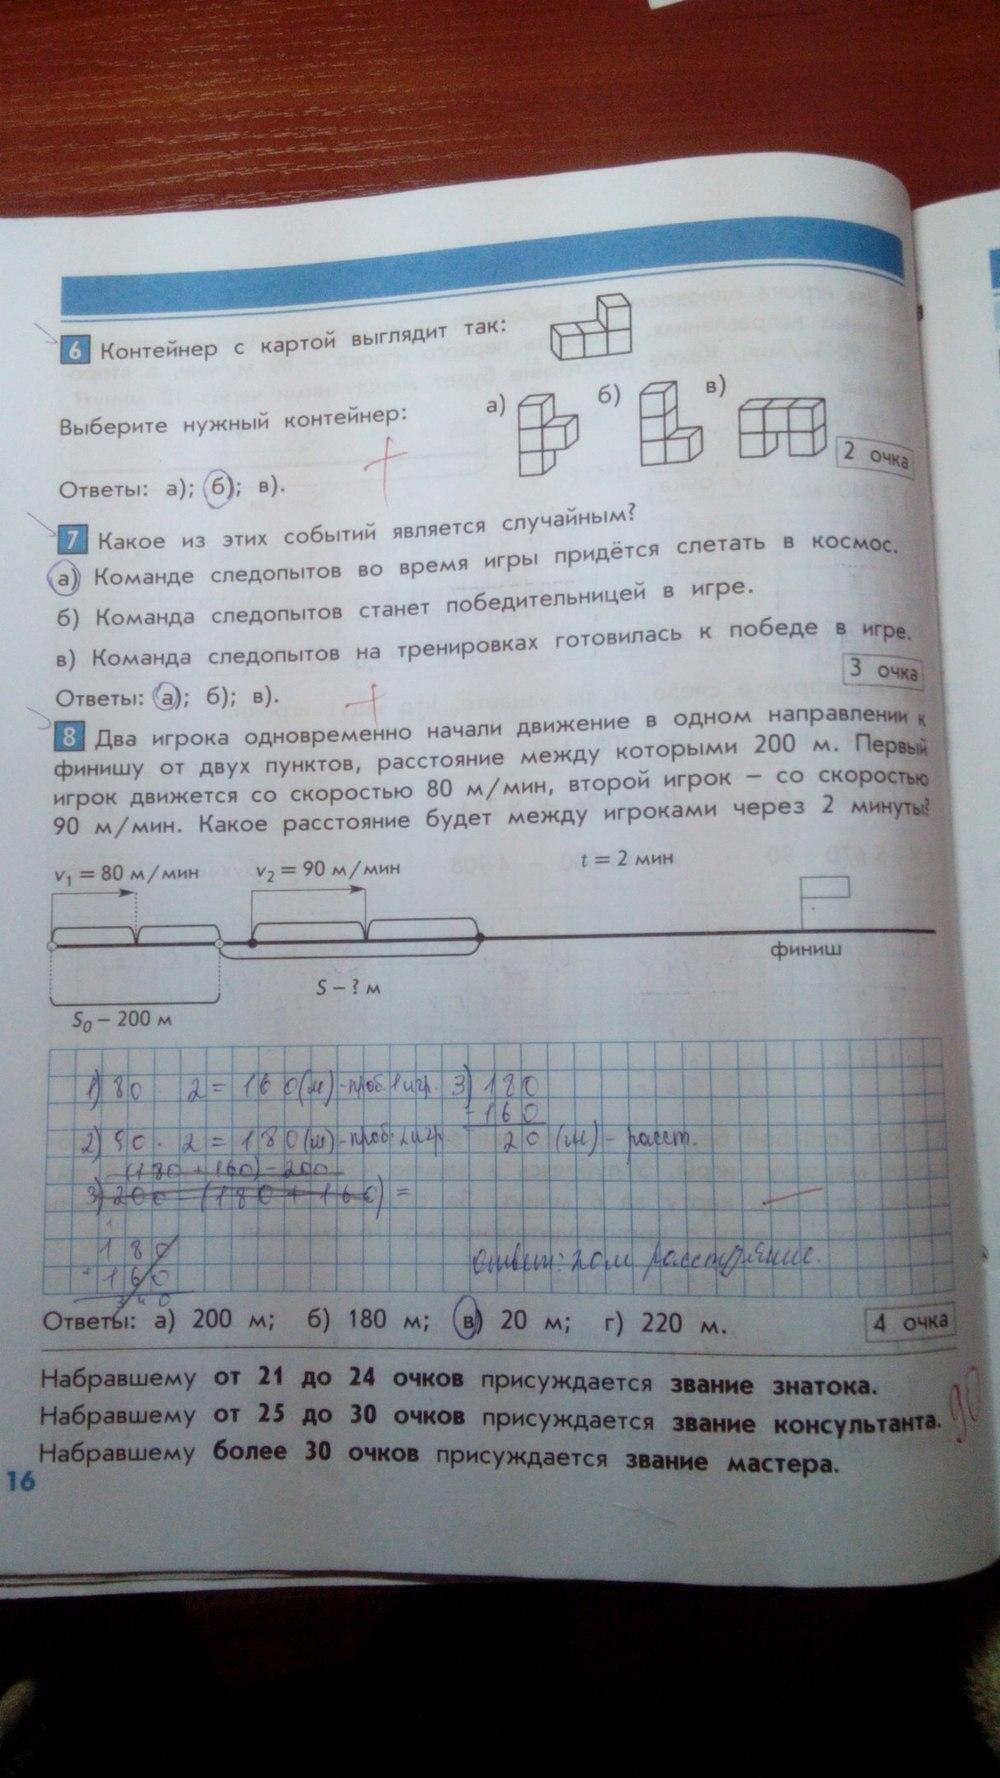 Как подписать контрольную работу по математике 6228